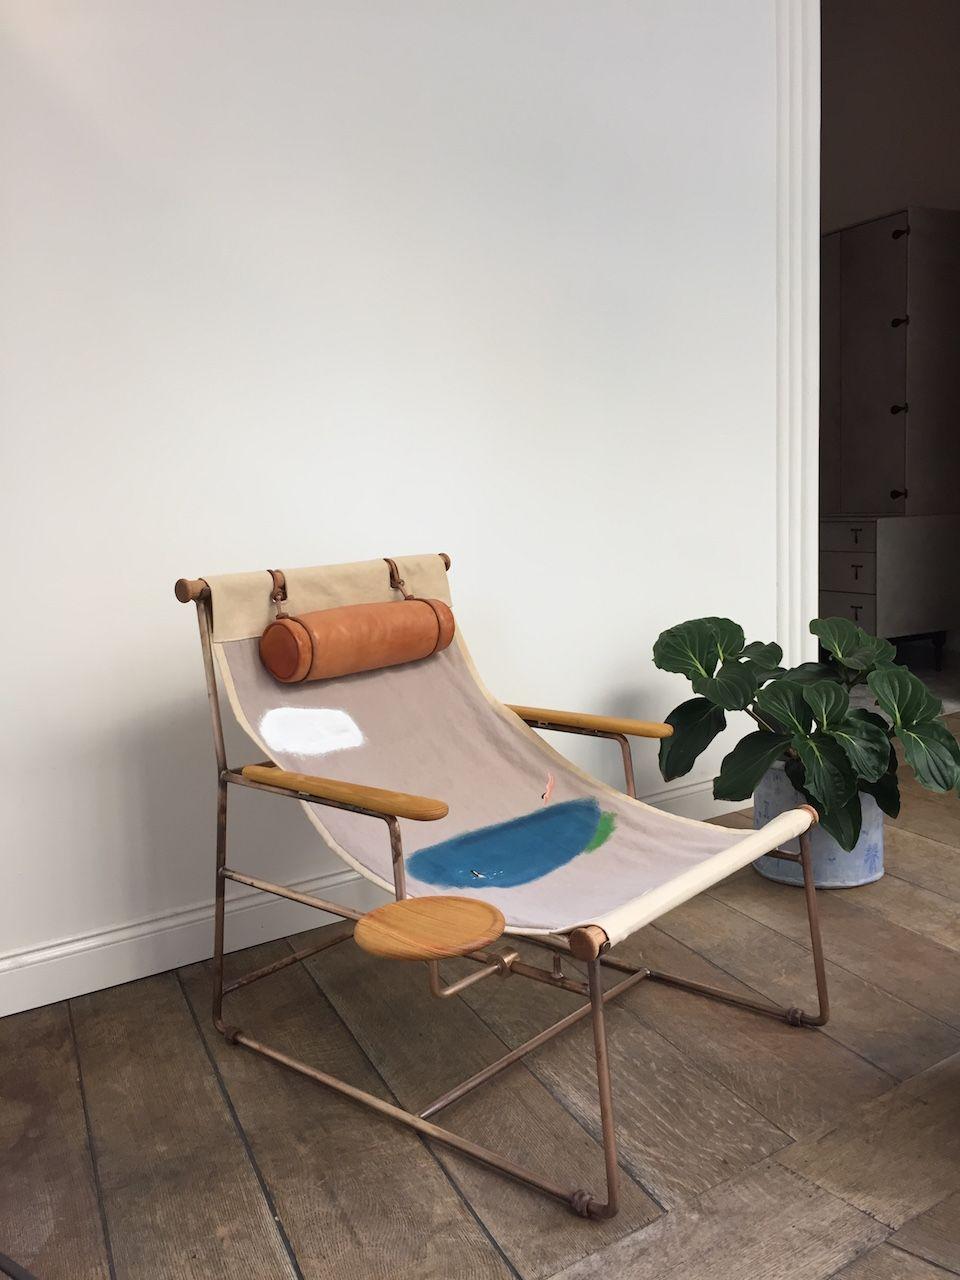 La Deck Chair Par Bddw Decoration Maison Idees De Decor Mobilier Design